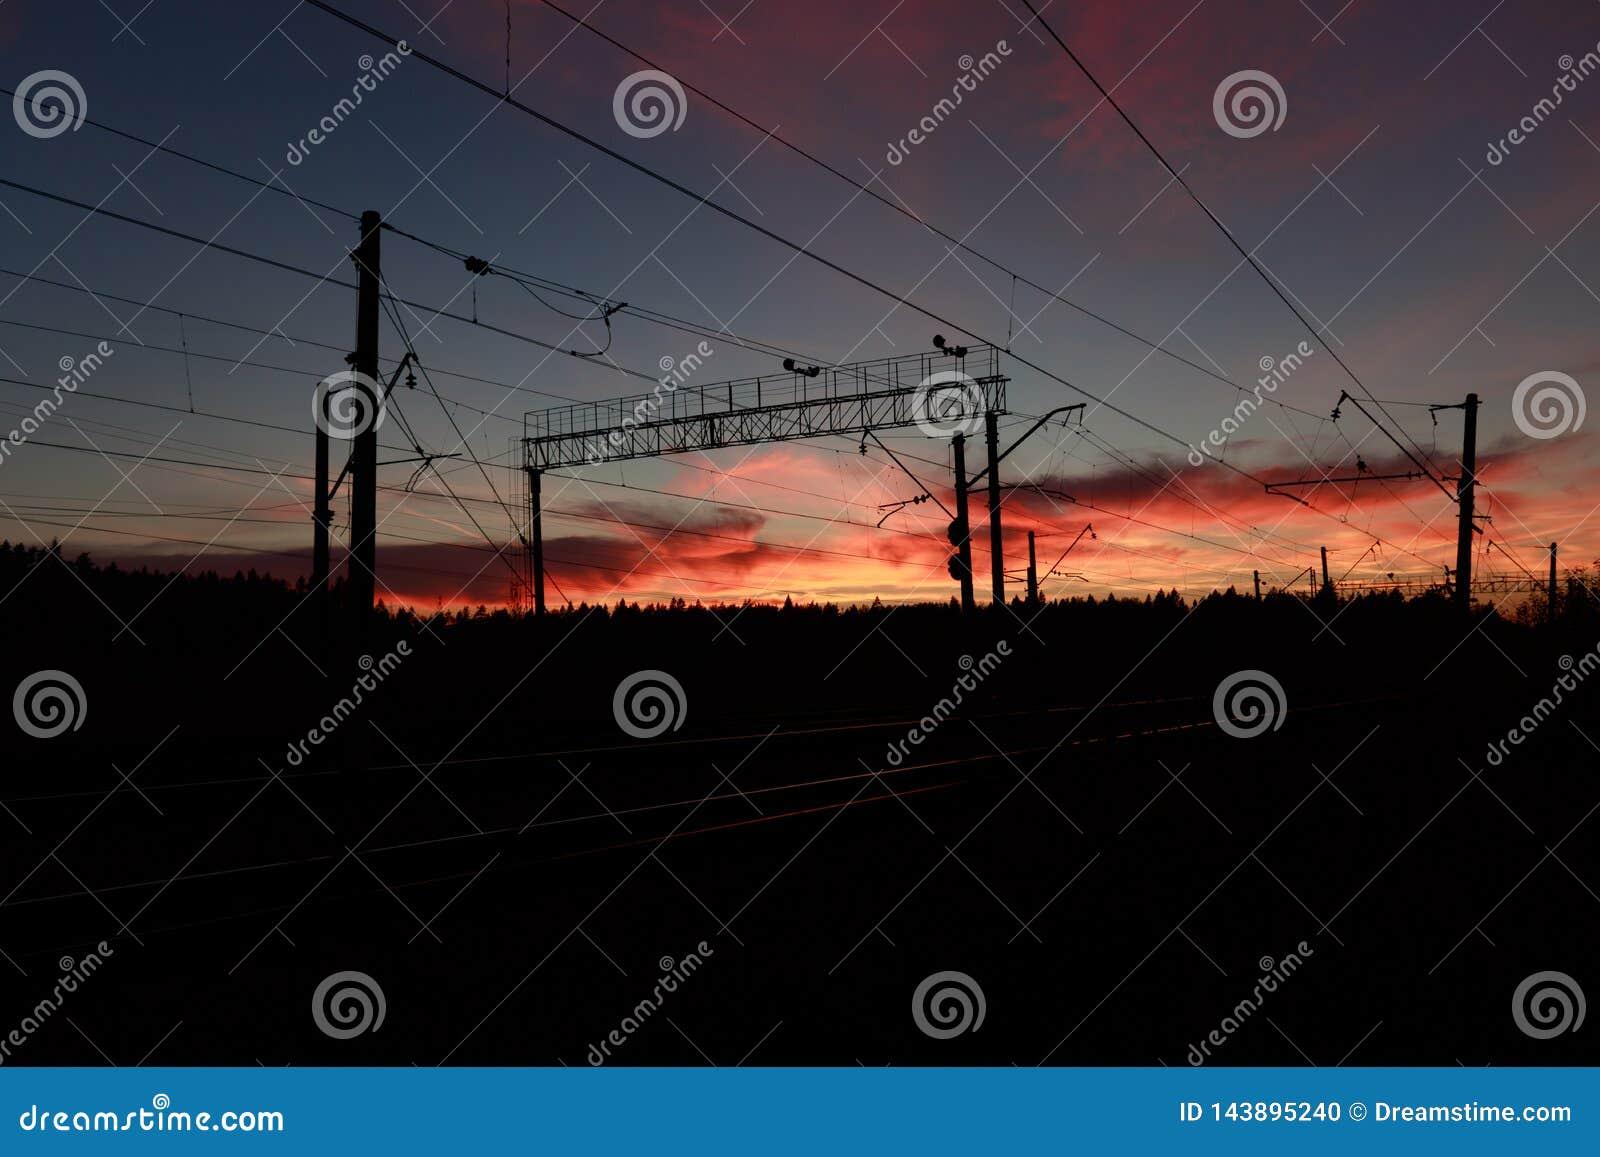 Blodig solnedgång på järnvägen